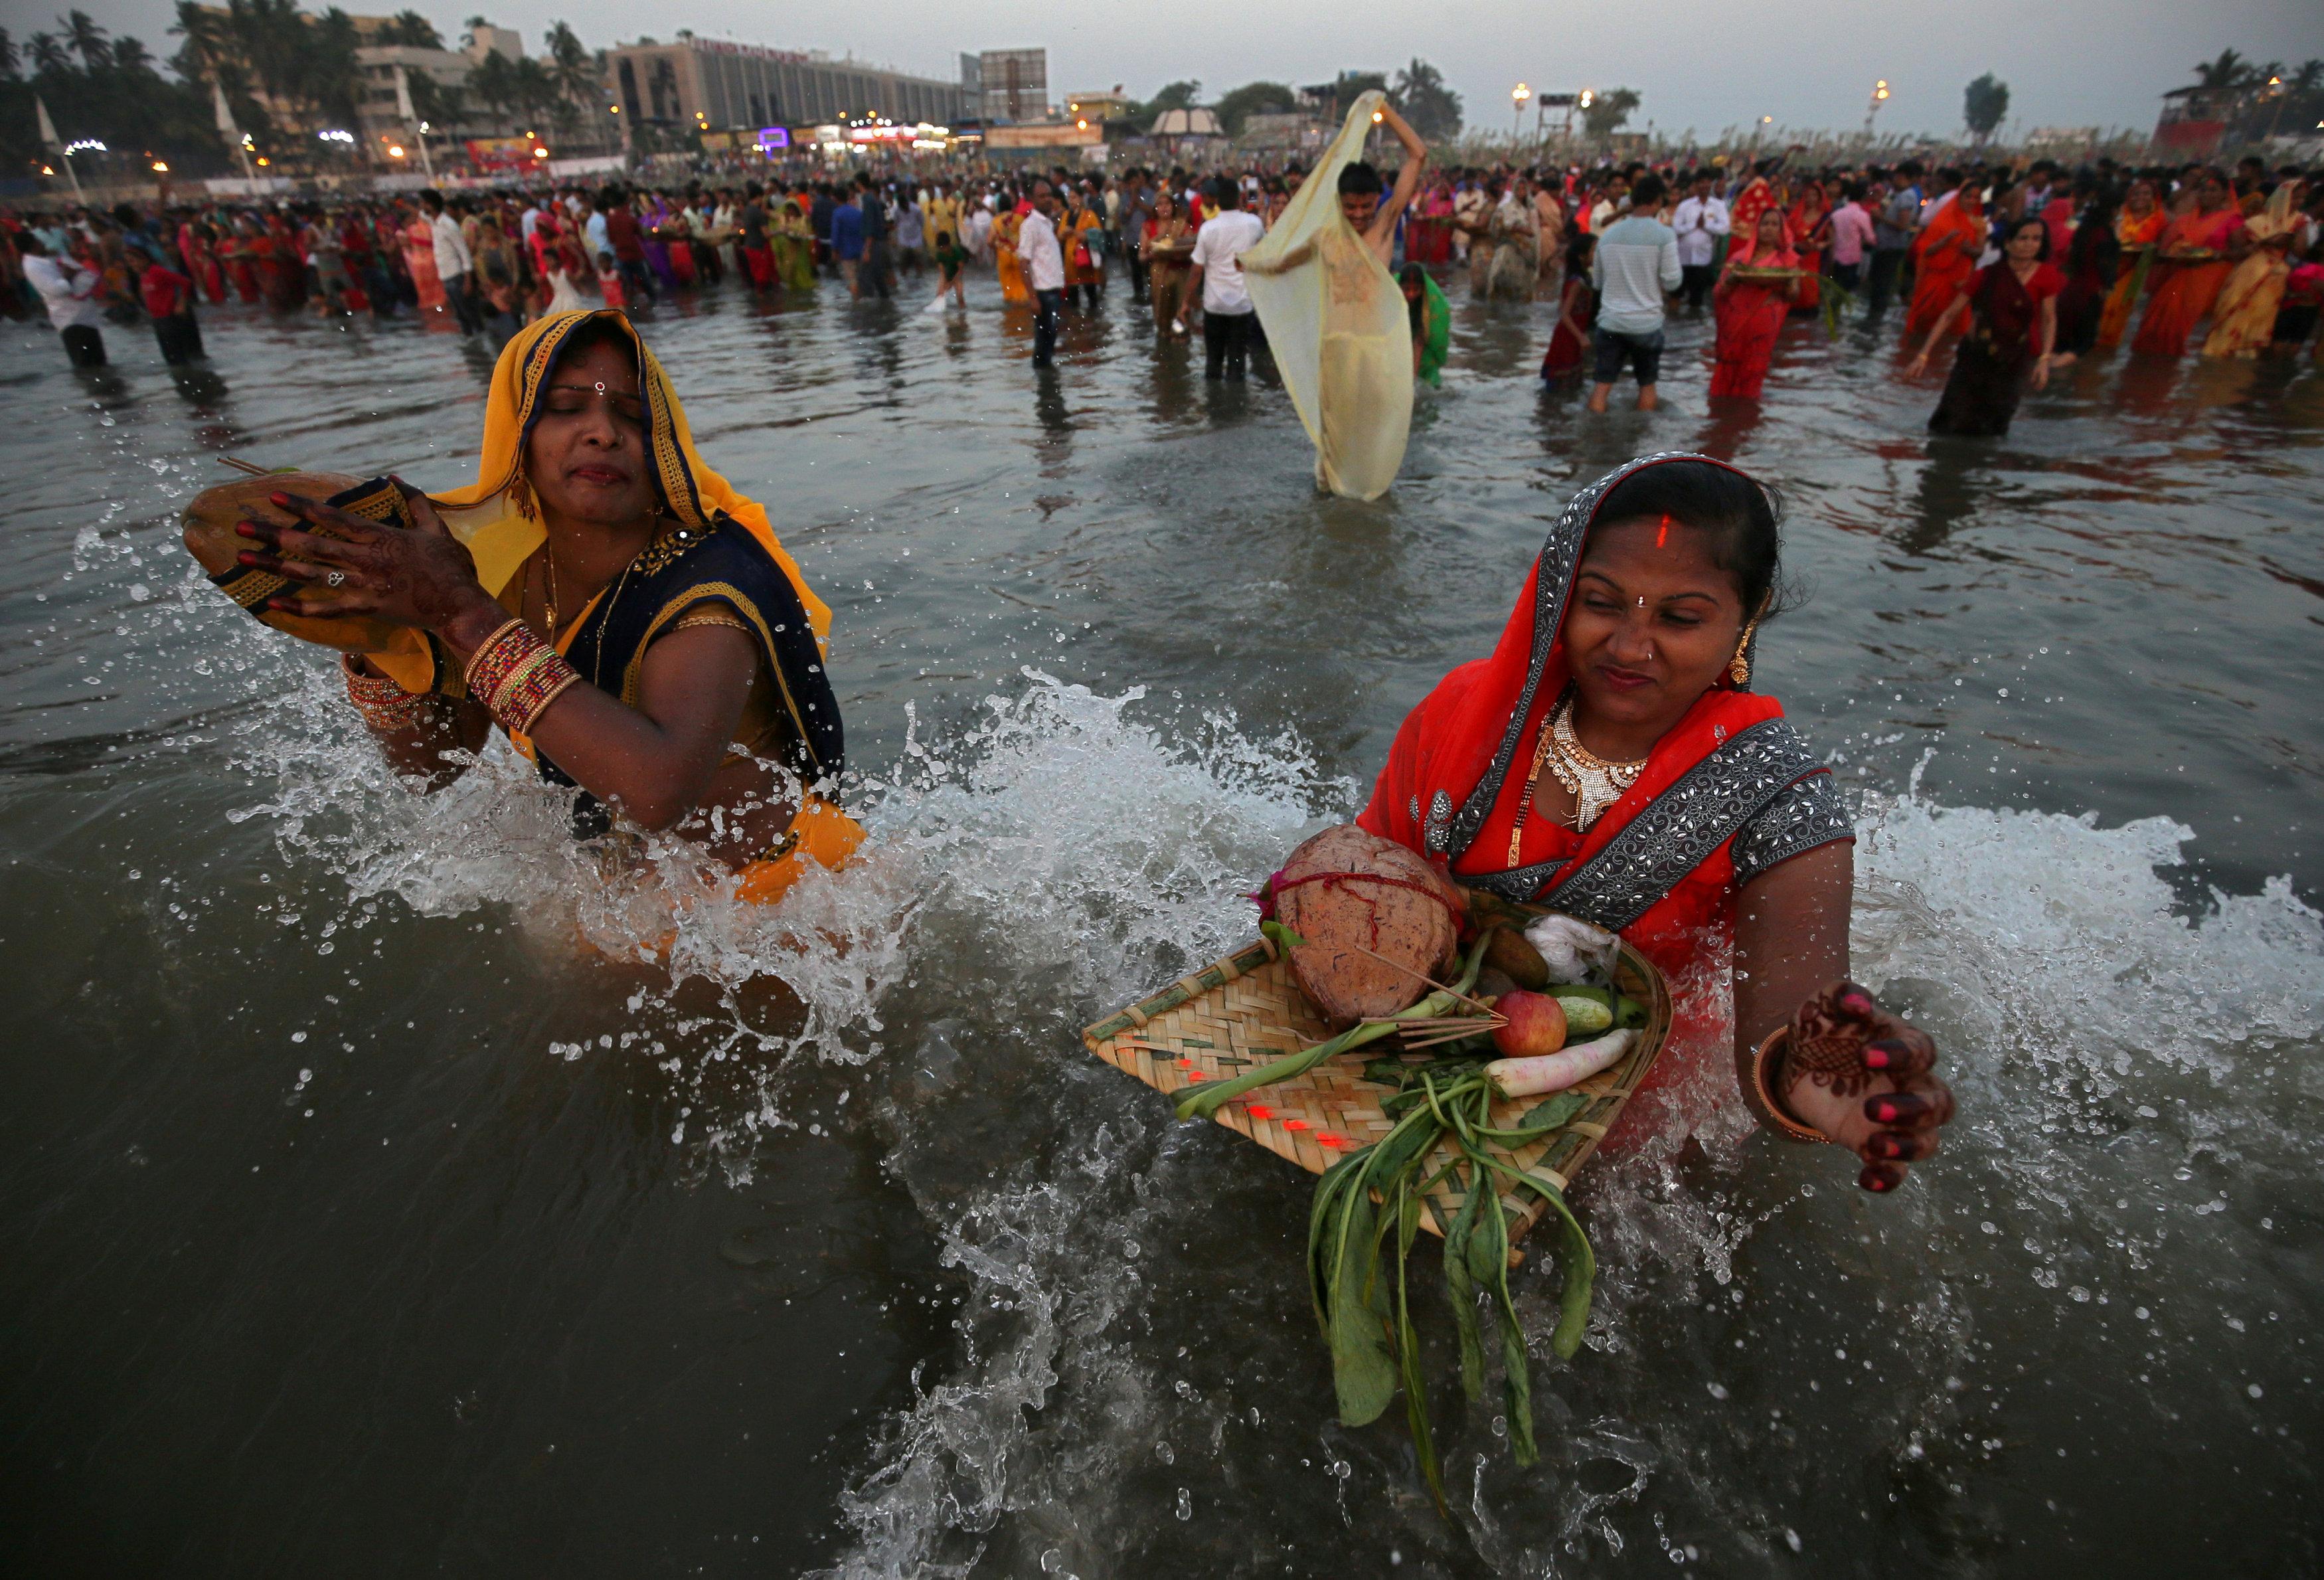 طقوس الاحتفال فى مومباى